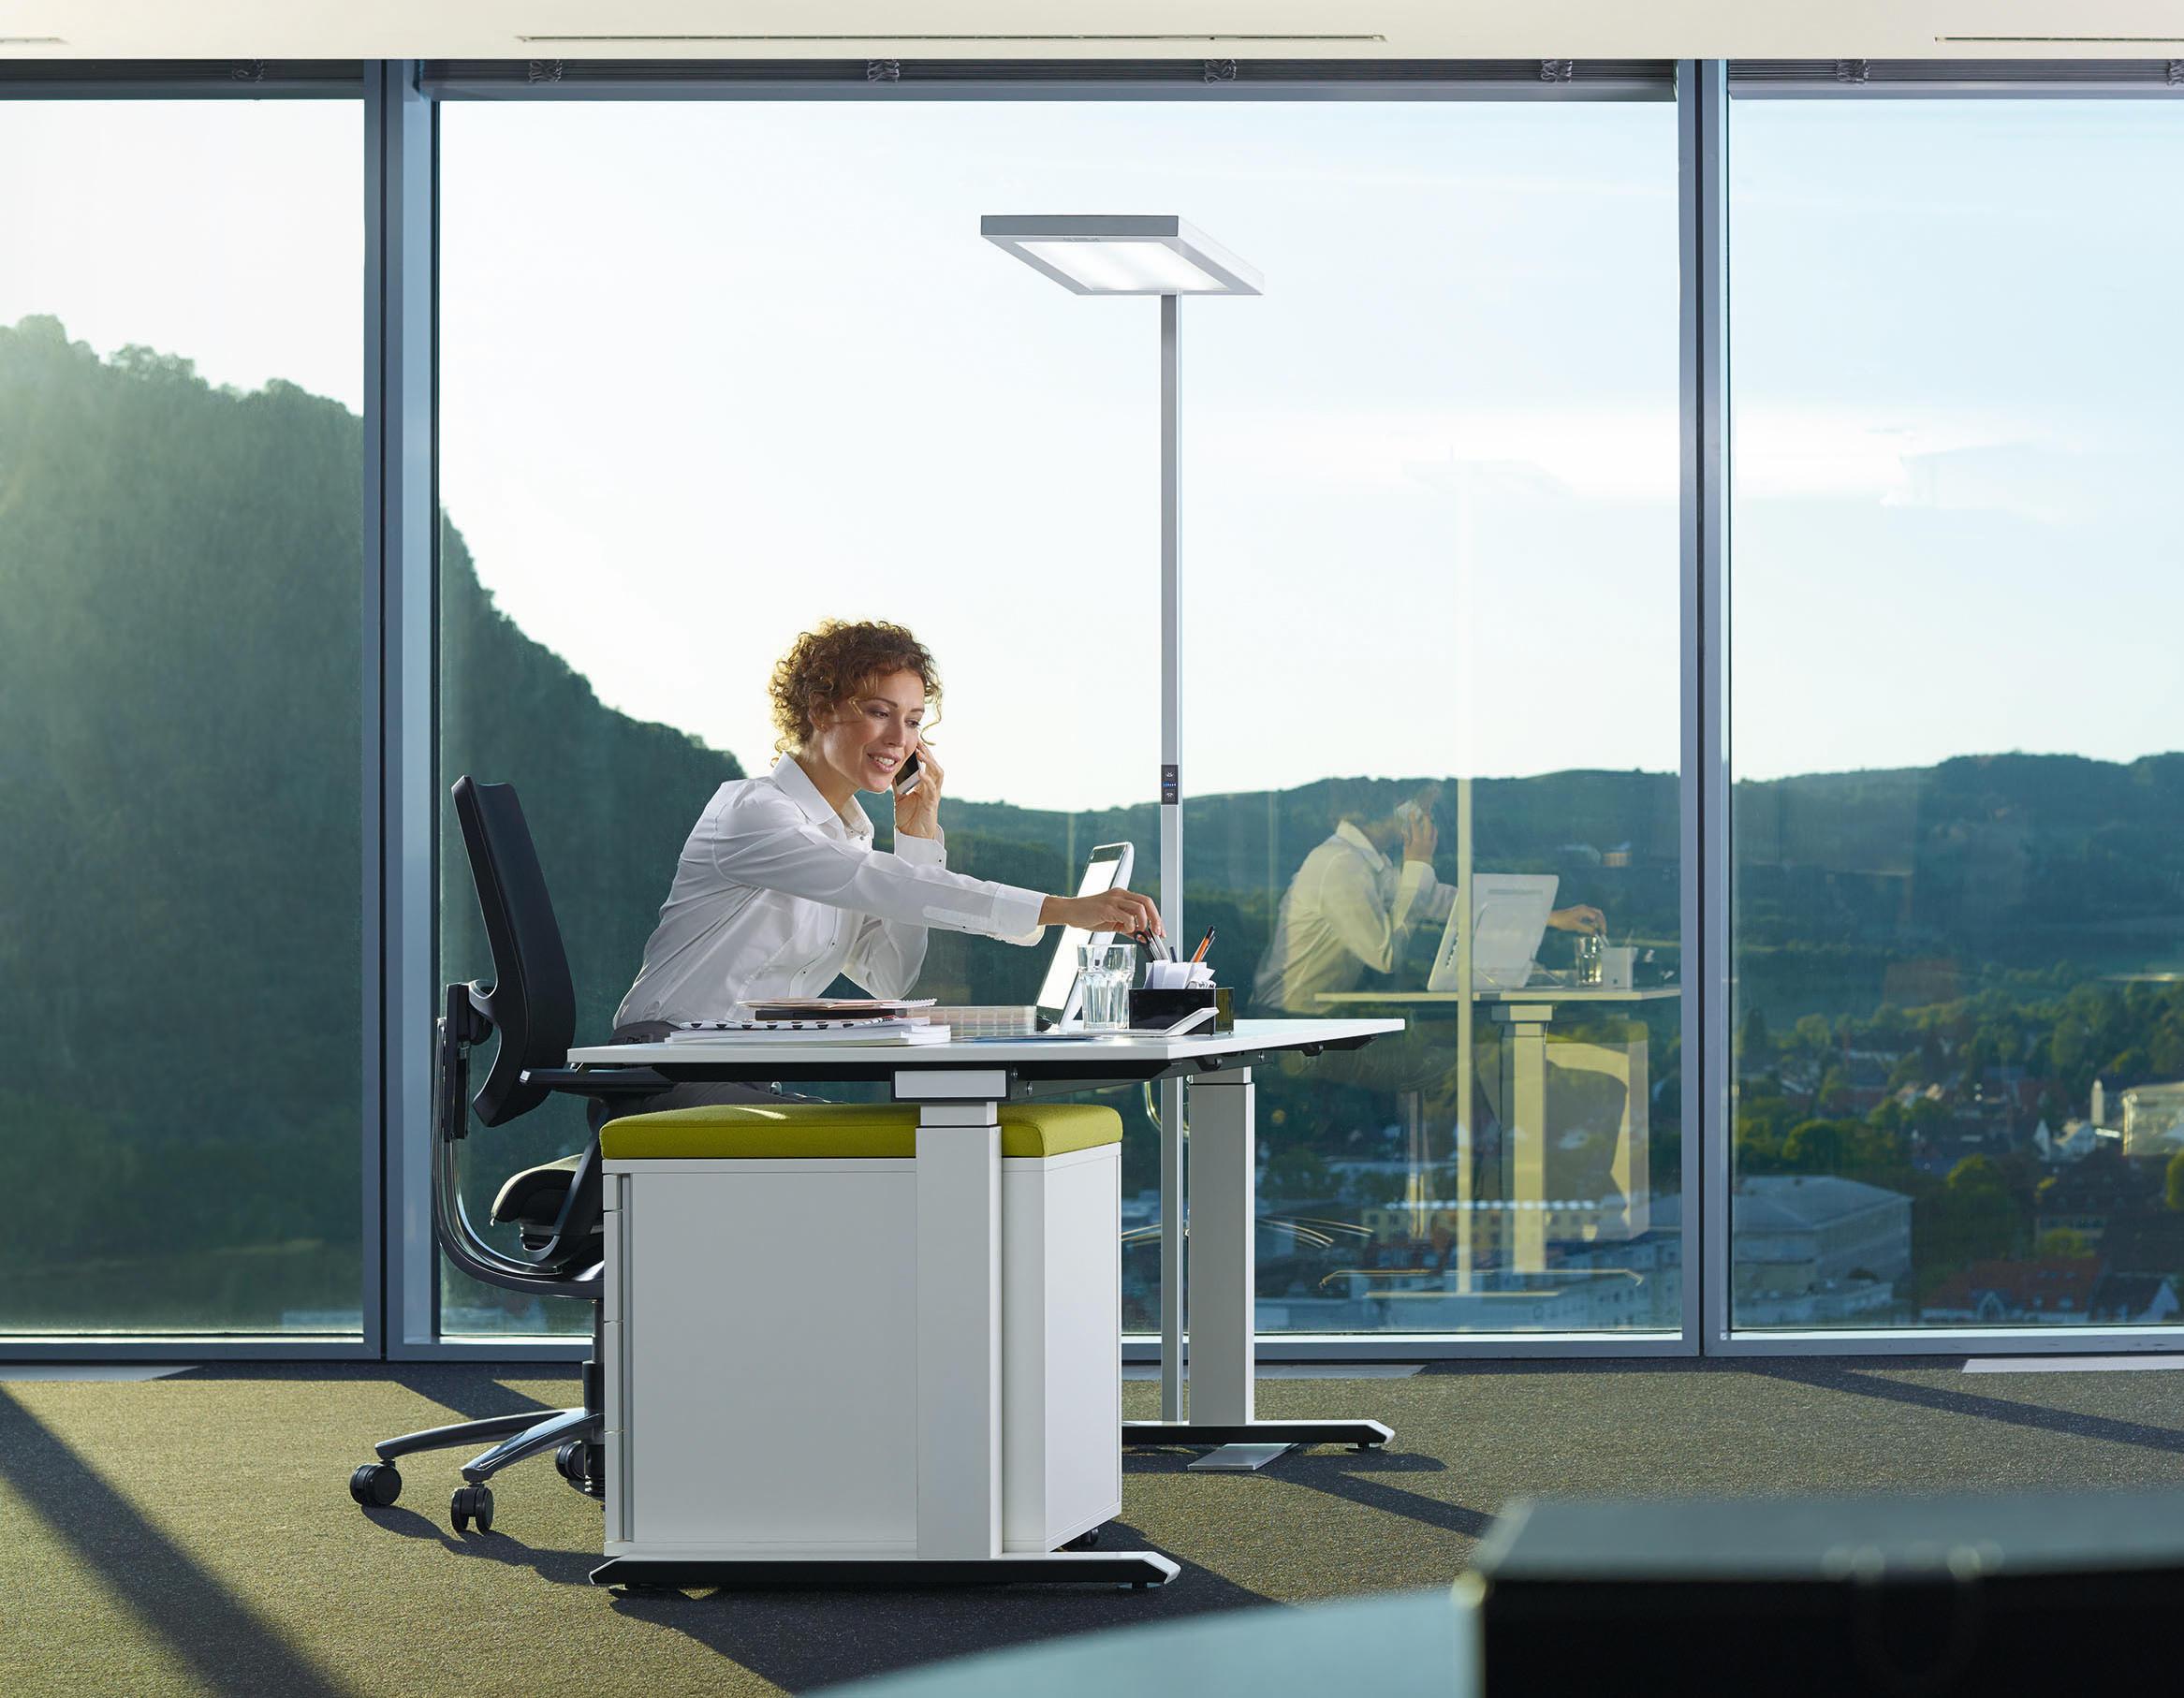 lavigo pulse vtl stehleuchte arbeitsplatzleuchten von h waldmann architonic. Black Bedroom Furniture Sets. Home Design Ideas